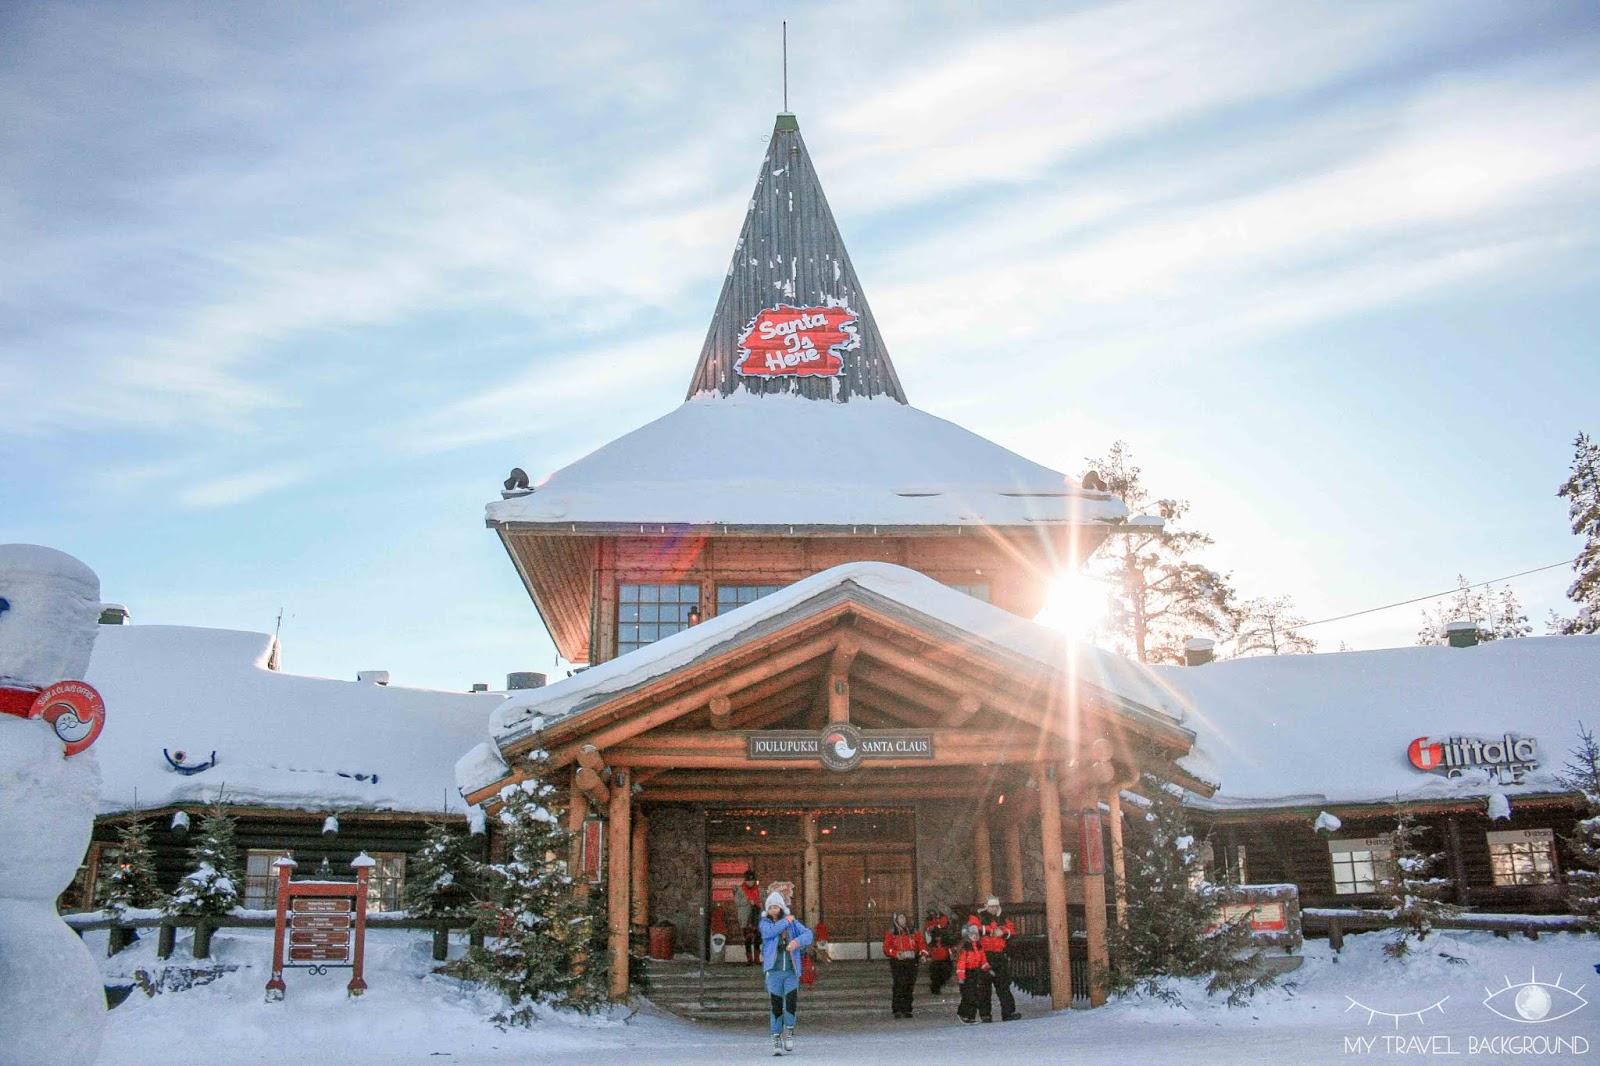 My Travel Background : le jour où j'ai rencontré le Père Noël en Laponie - La maison du Père Noël